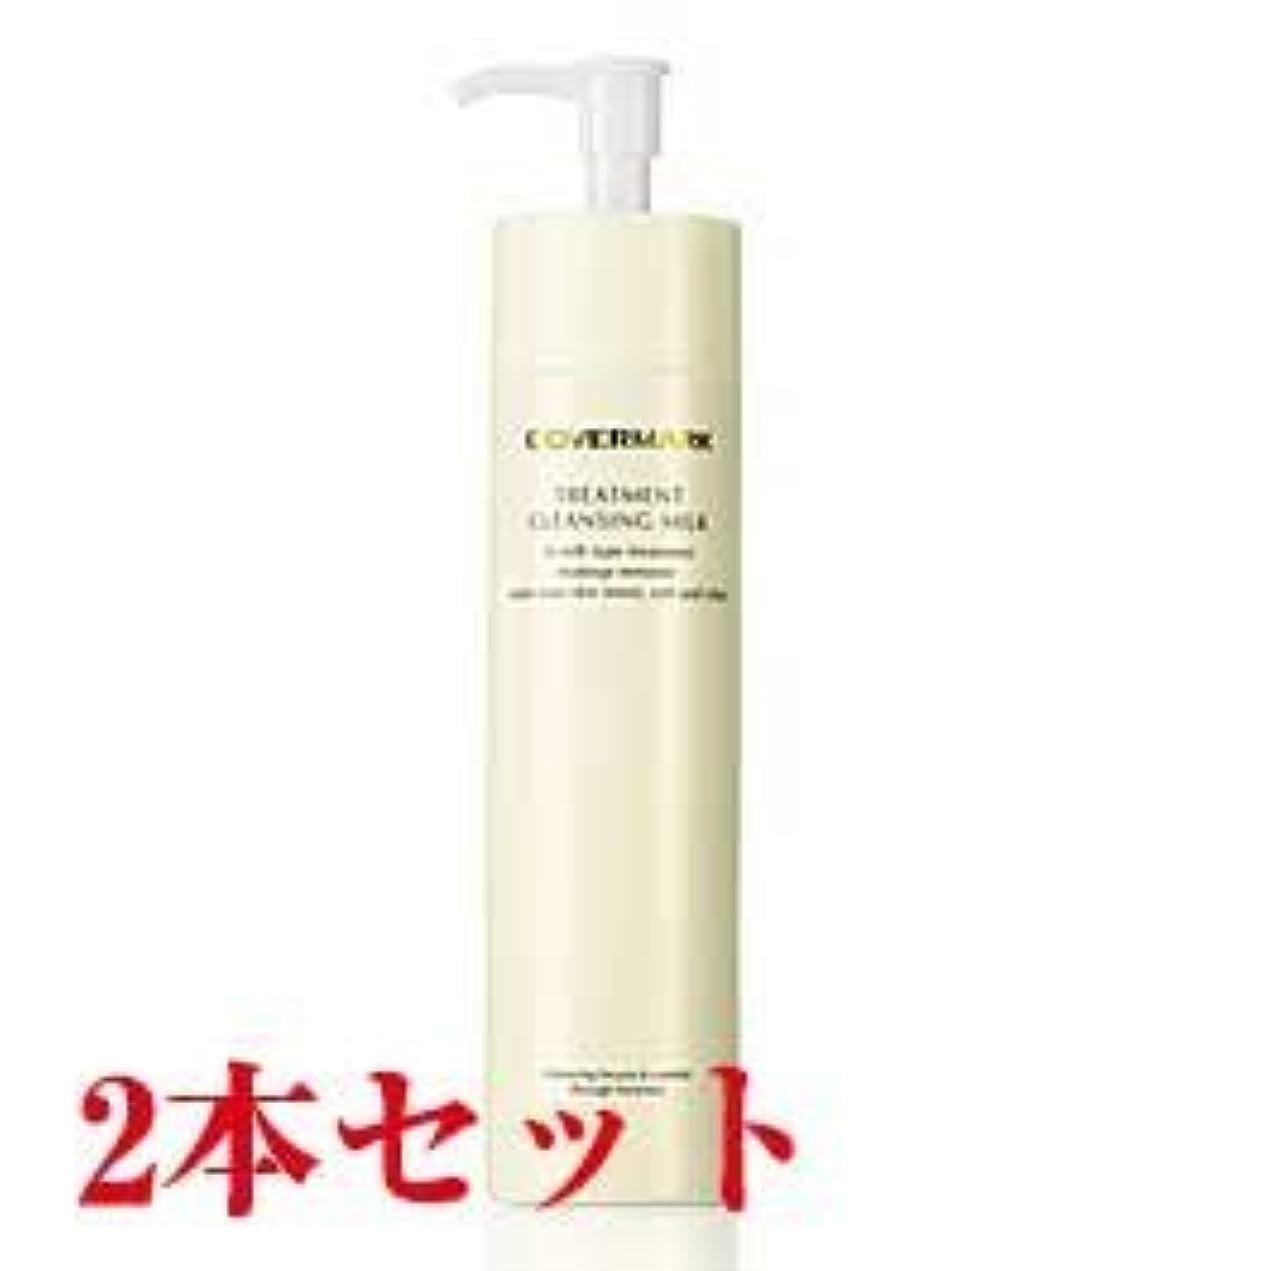 領収書植木含意【2本セット】カバーマーク トリートメント クレンジング ミルク 200g